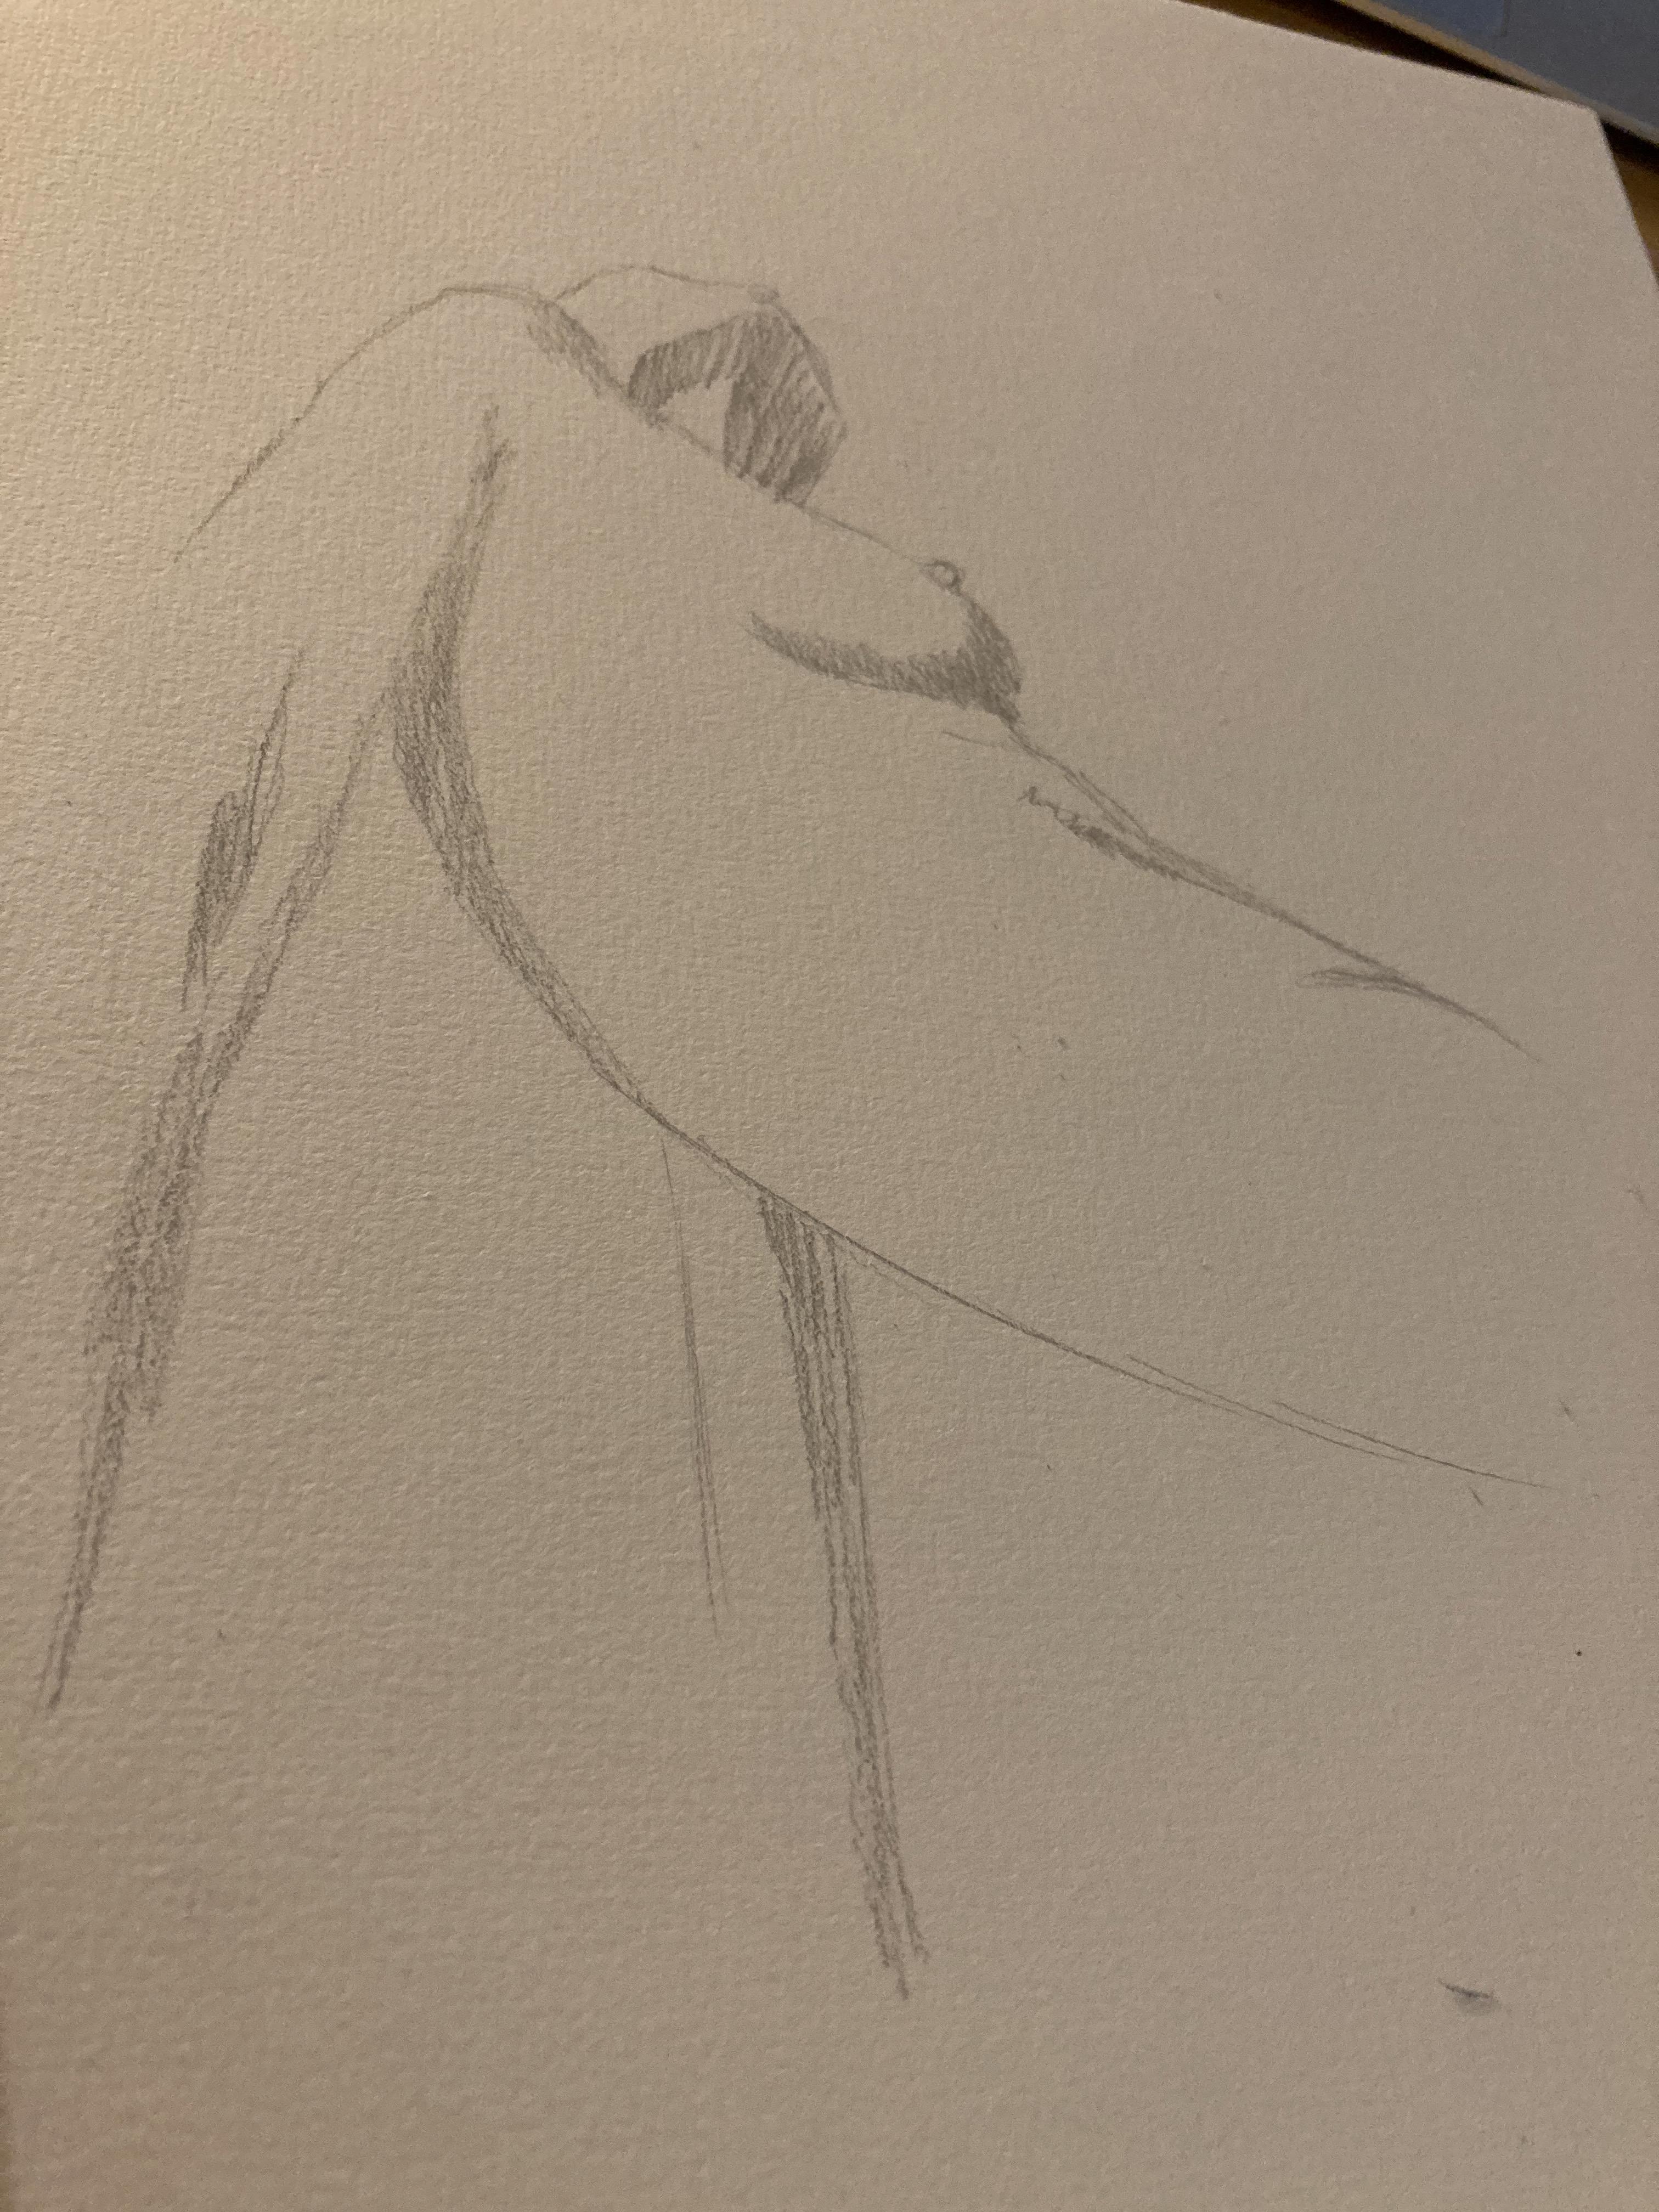 Esquisse rapide hachures corps en contre-plongées dessin réalisées lors de nos cours de dessin  cours de dessin